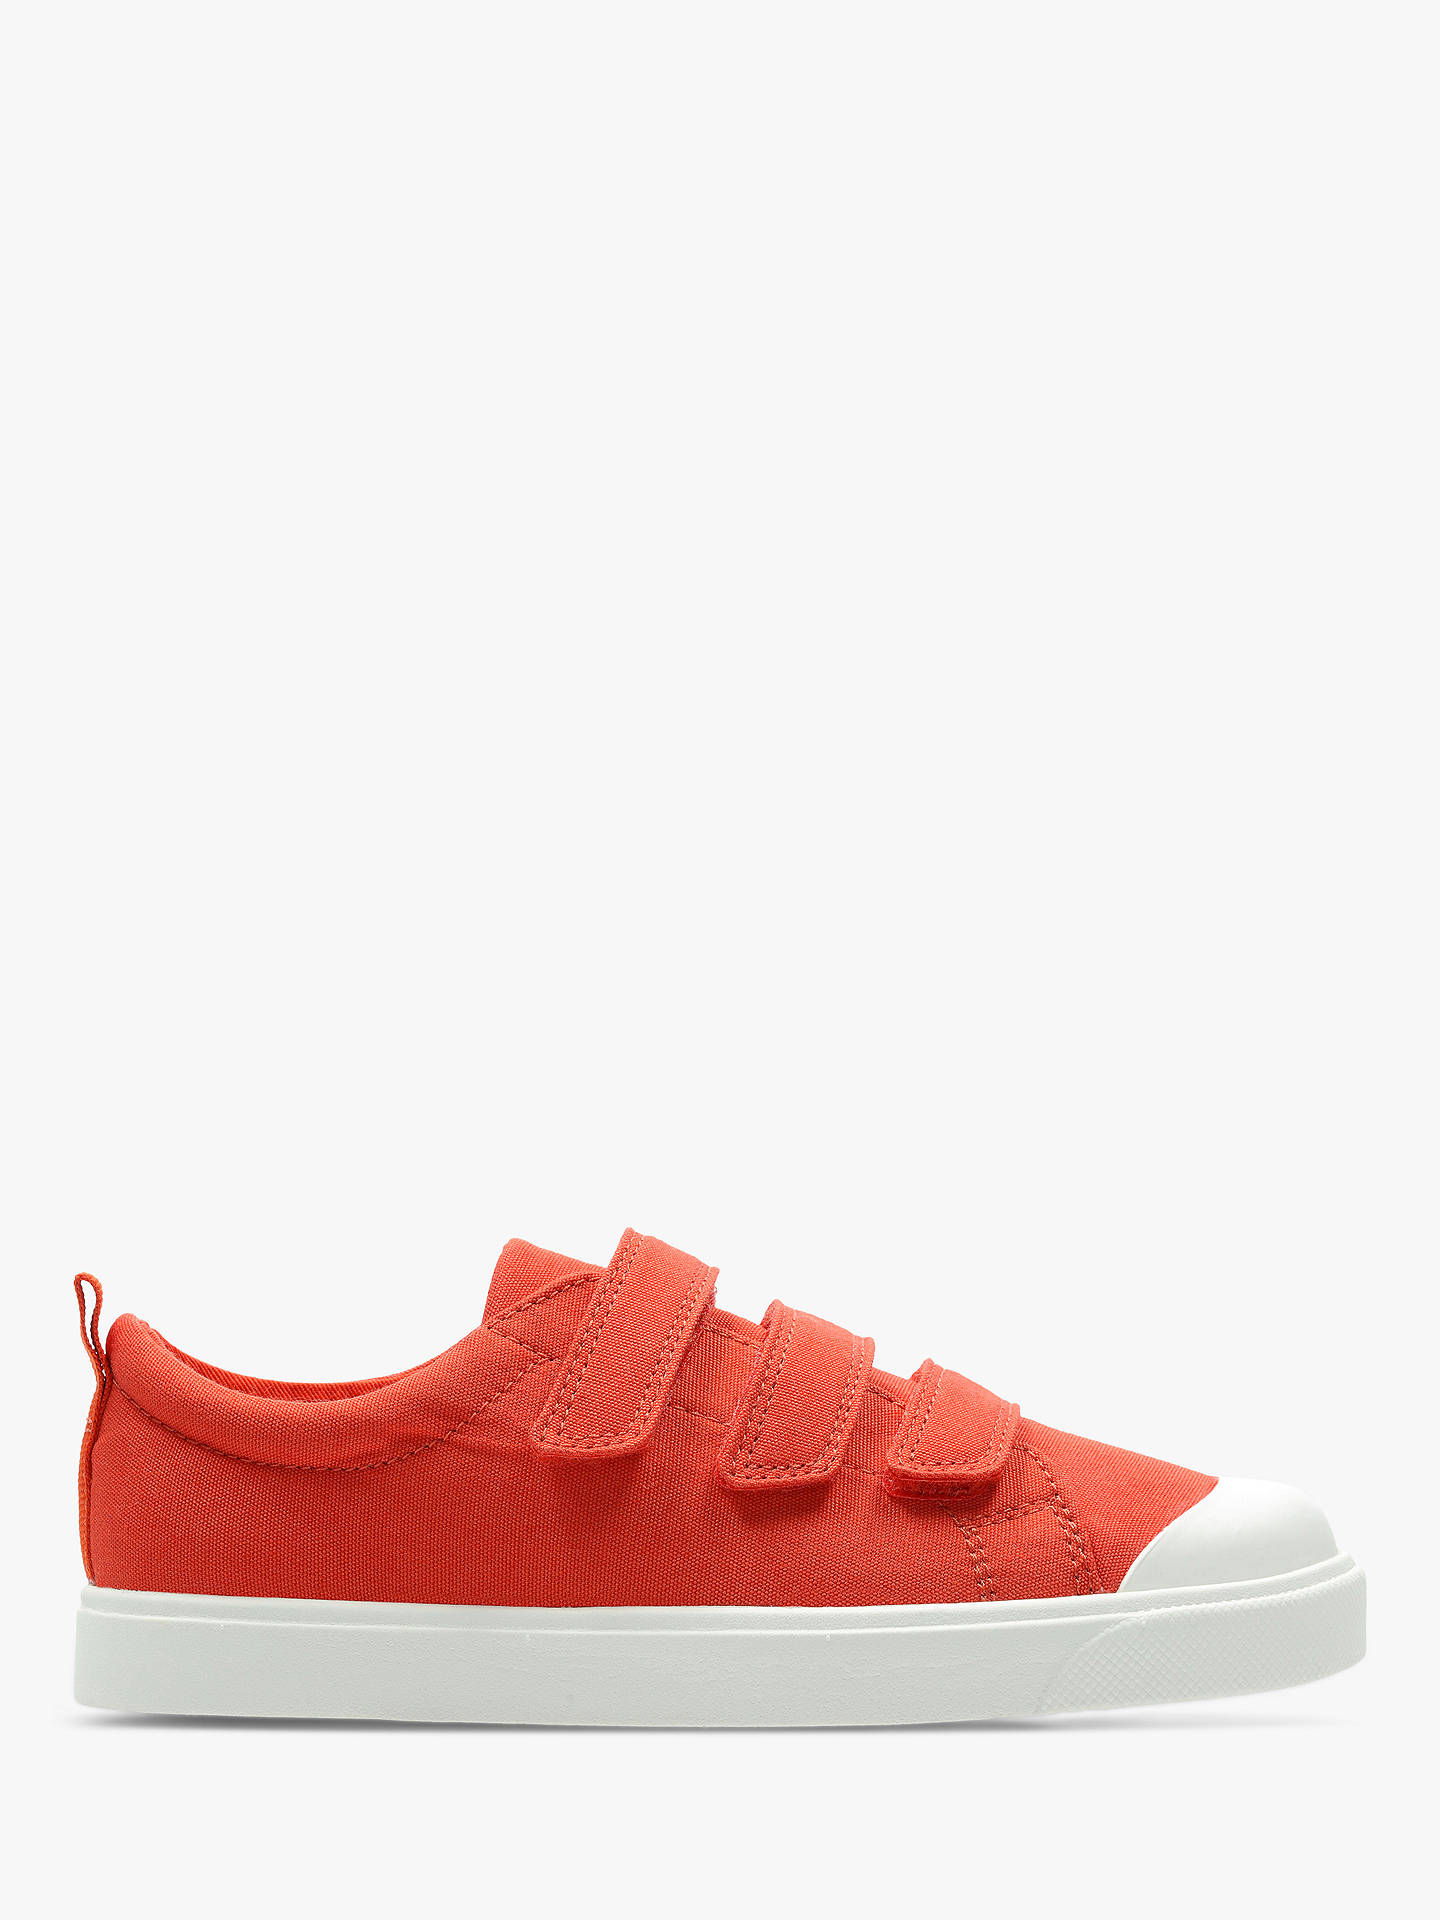 9cb1e492fab5d9 Buy Clarks Children s City Flare Low Top Canvas Riptape Shoes